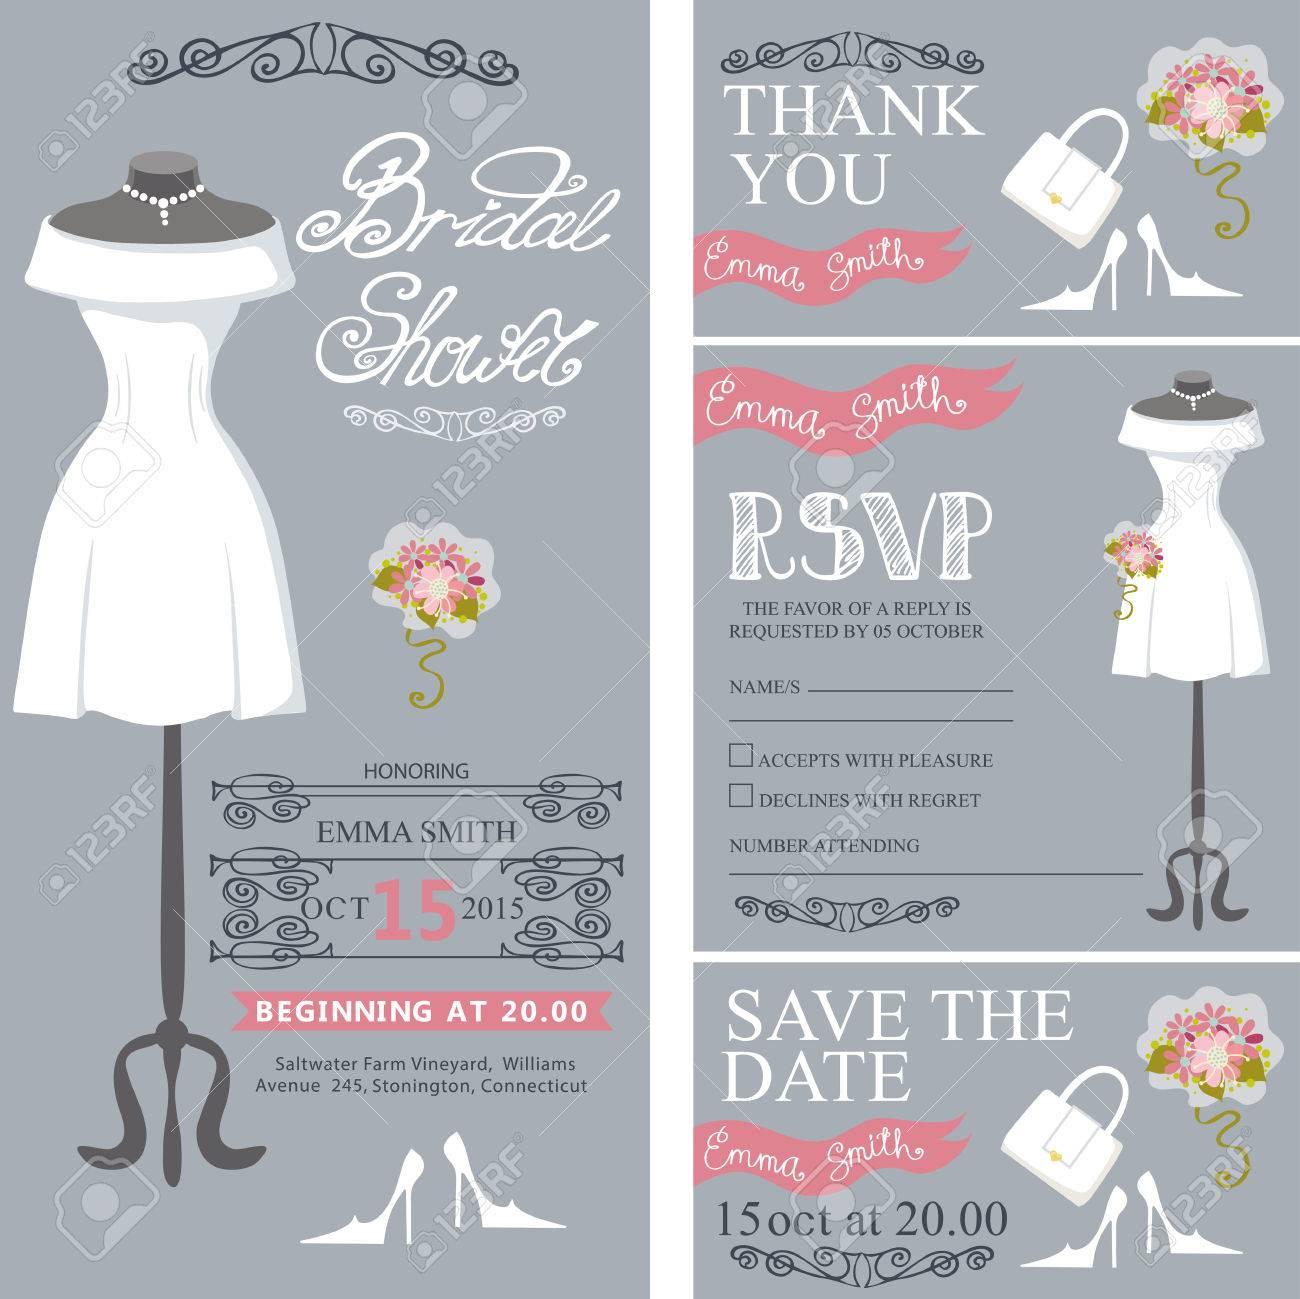 Brautdusche Einladung Set.Bride Brautkleid, Bouquet Wirbelnden ...